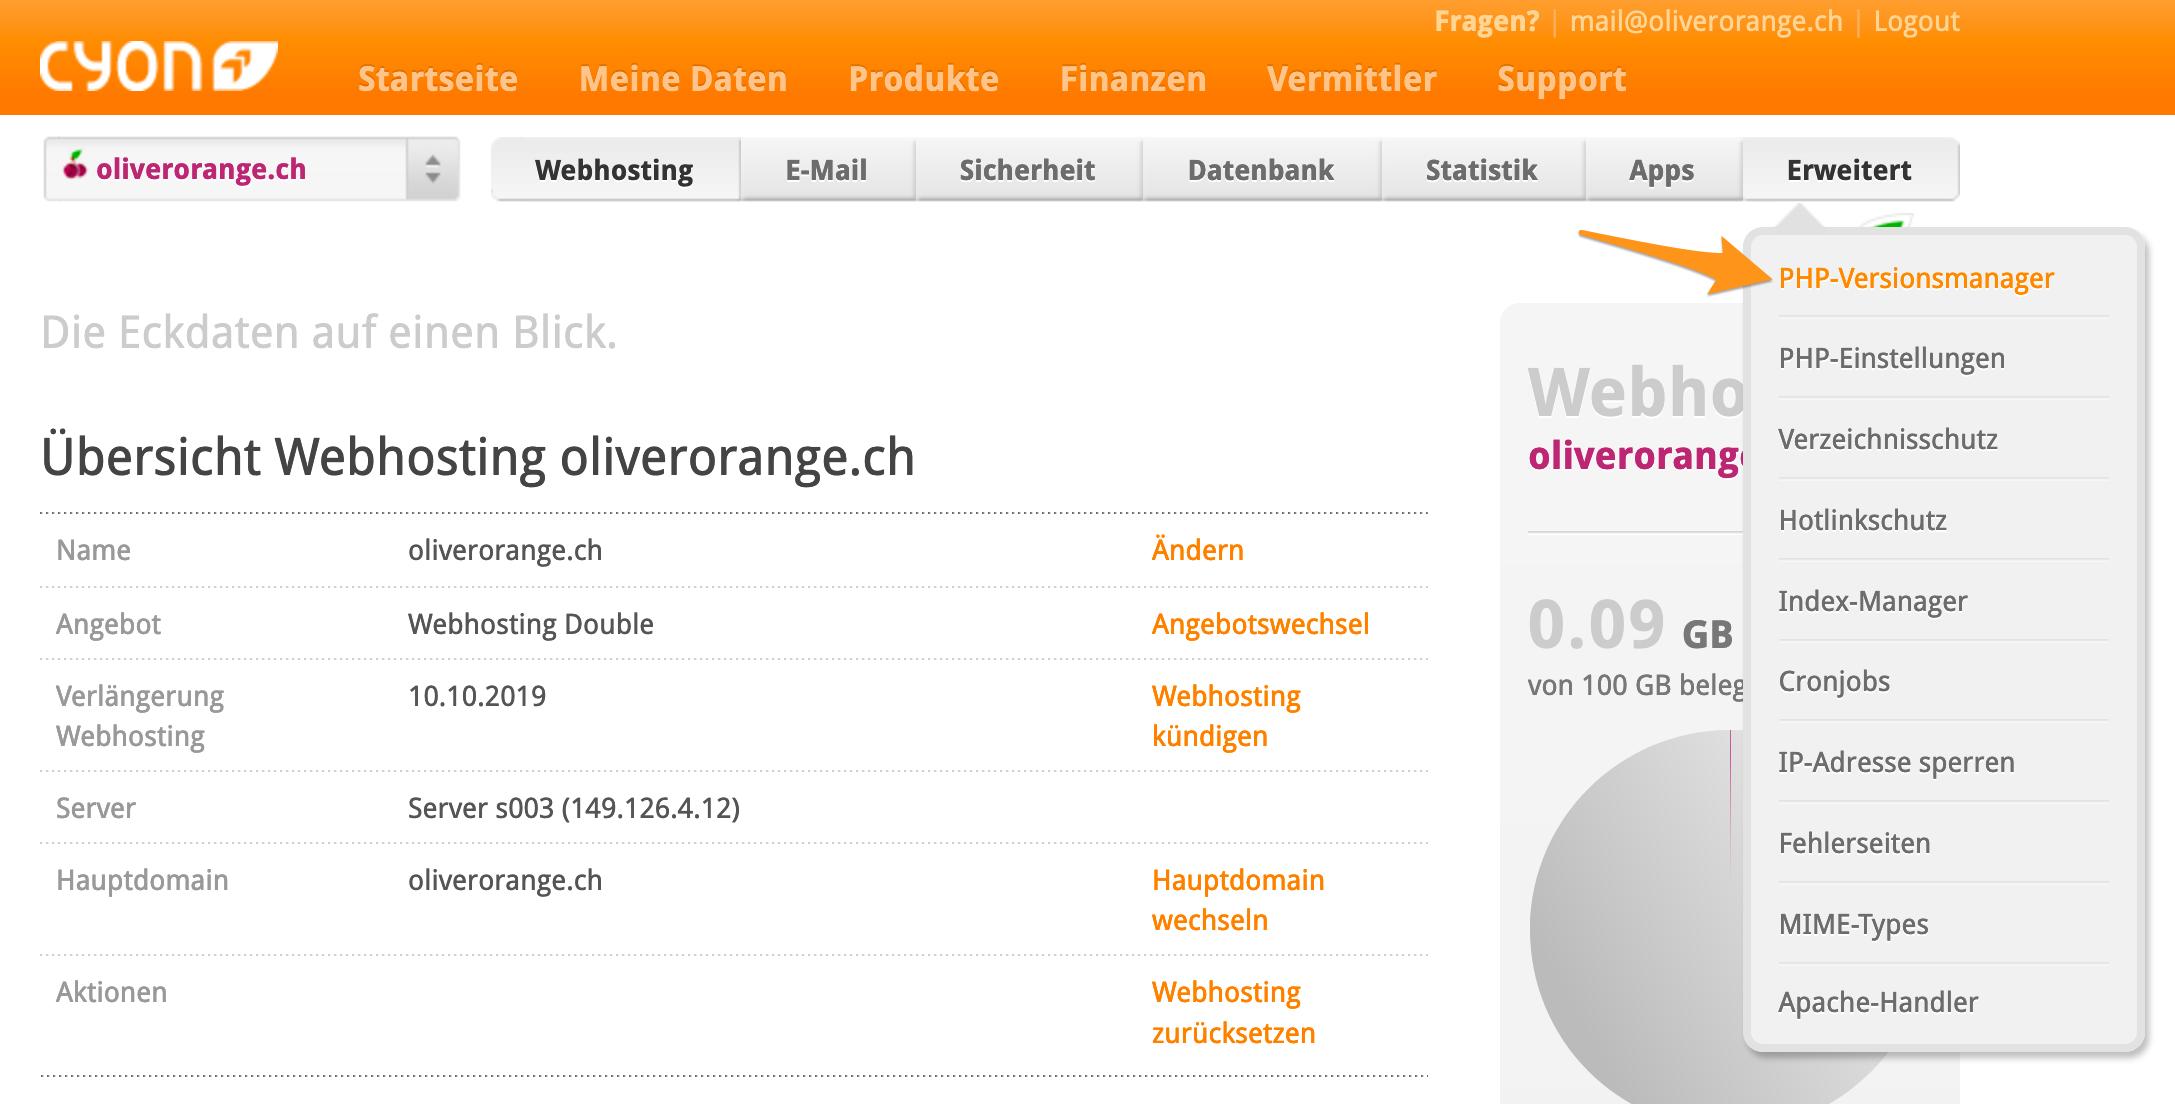 Menü «PHP-Versionsmanager» im my.cyon